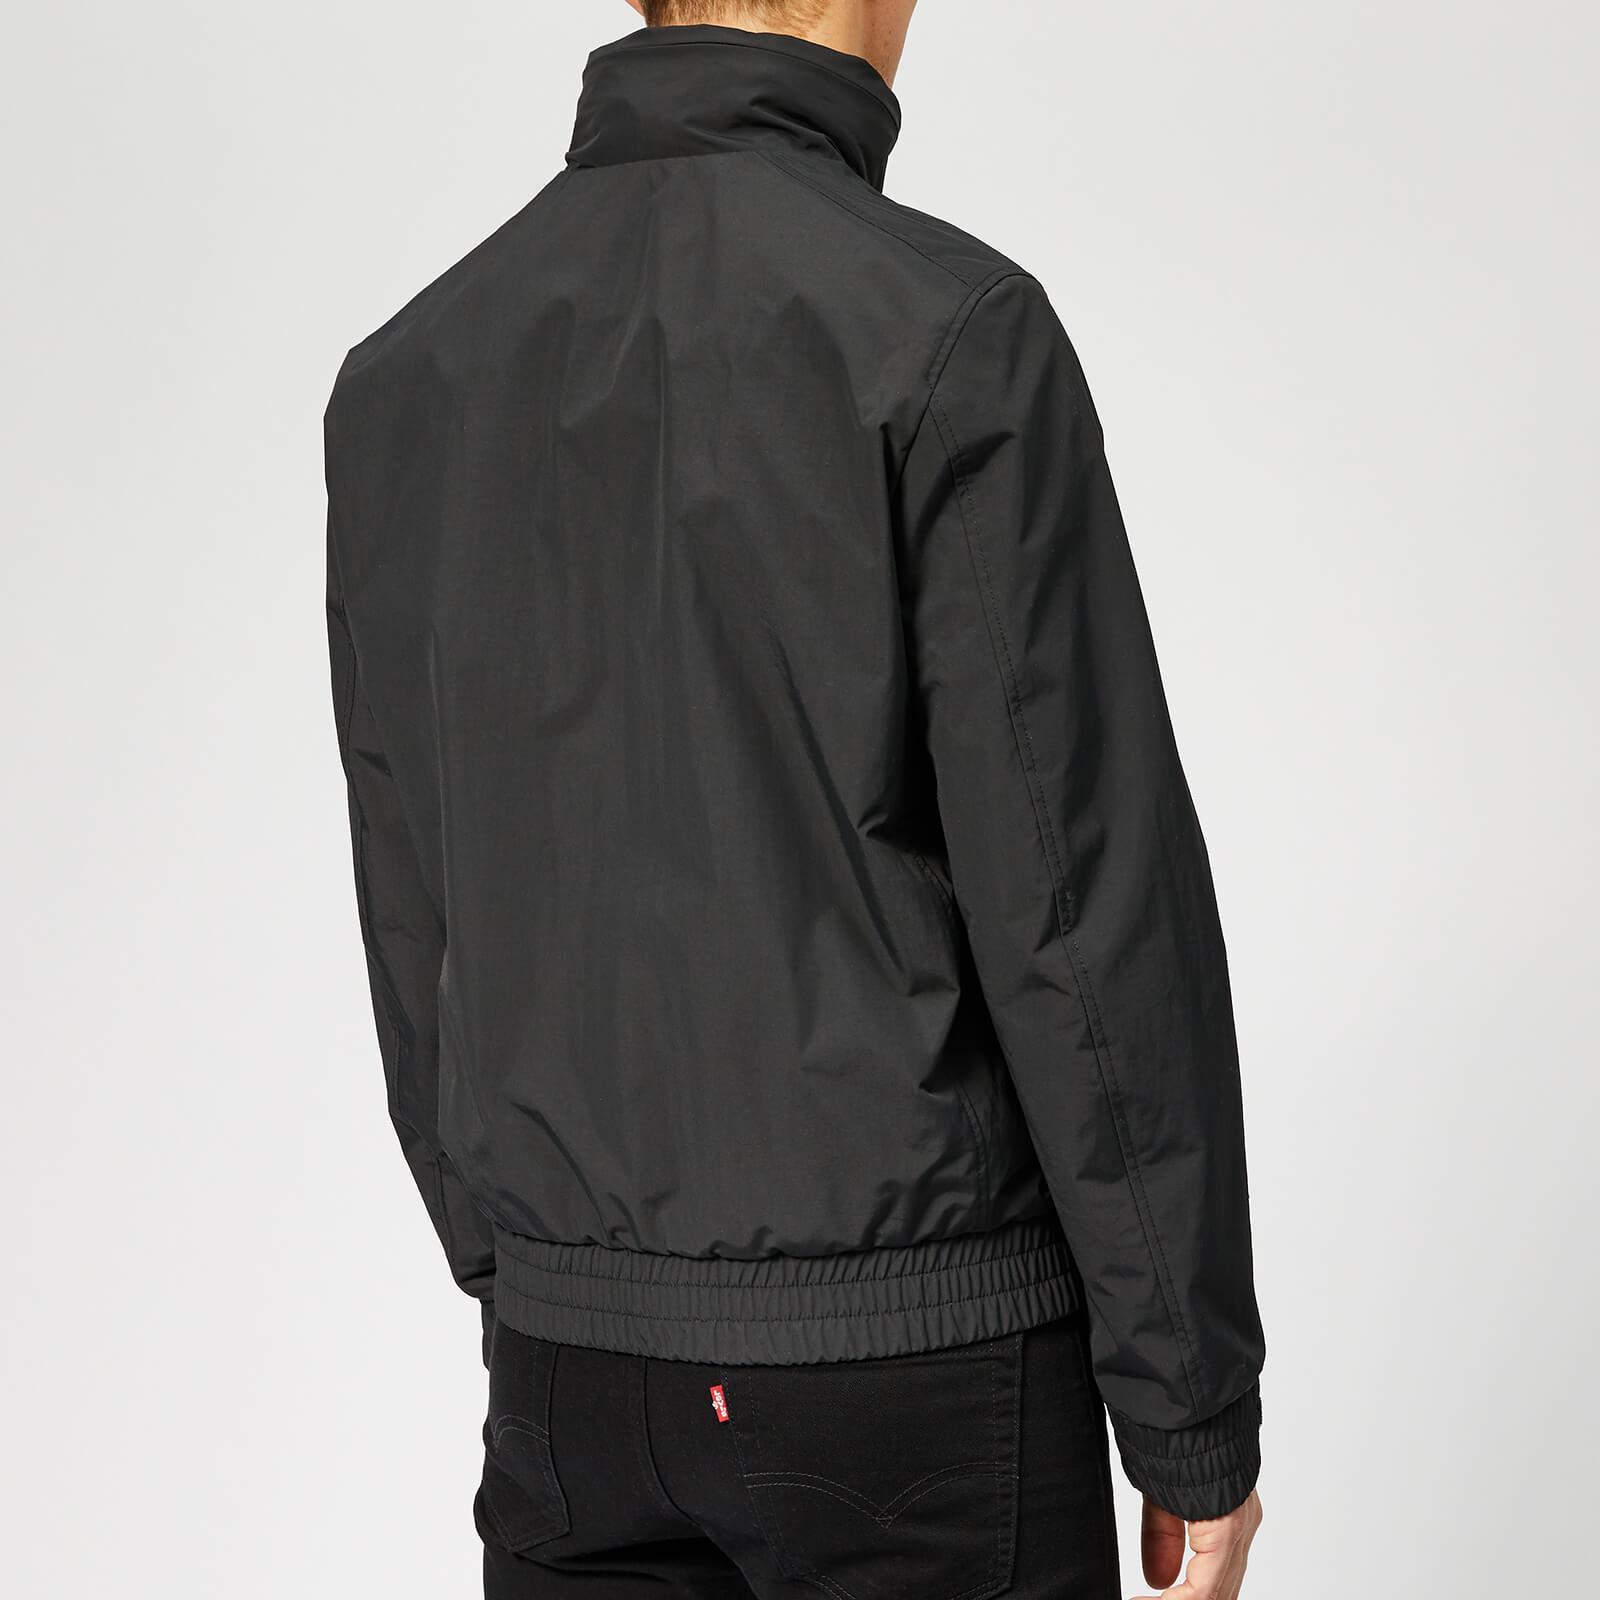 e248f2522 Woolrich Mallard Bomber Jacket in Black for Men - Lyst